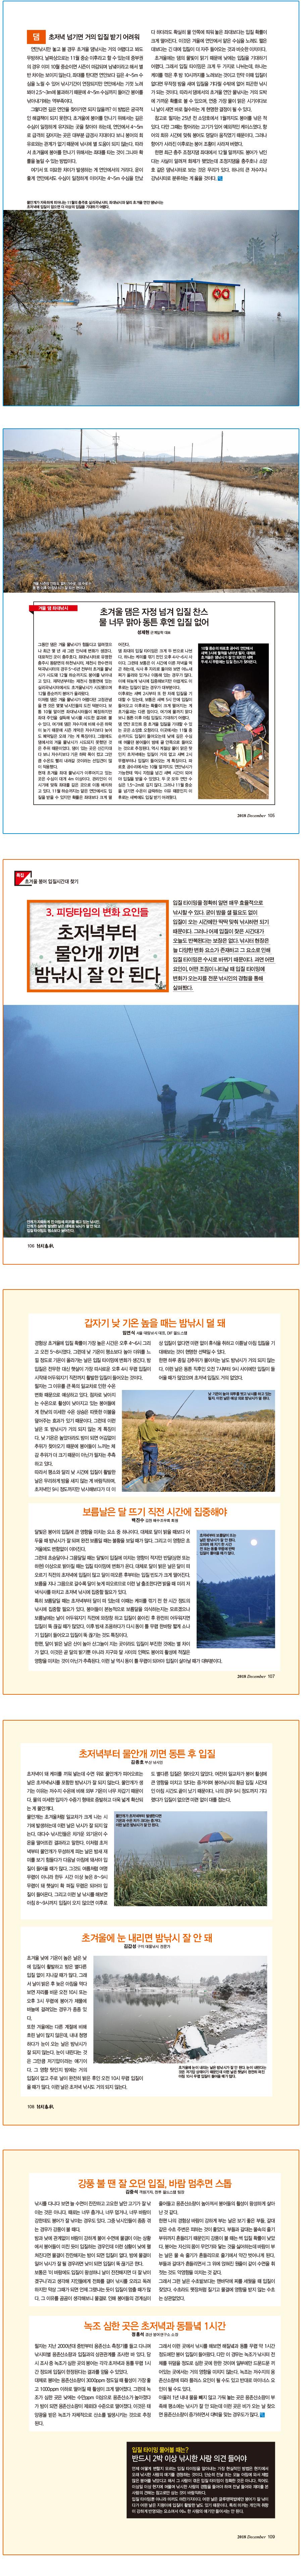 낚시춘추 2018년 12월호 - 특집.초겨울 붕어 입질 시간대 찾기 2.jpg